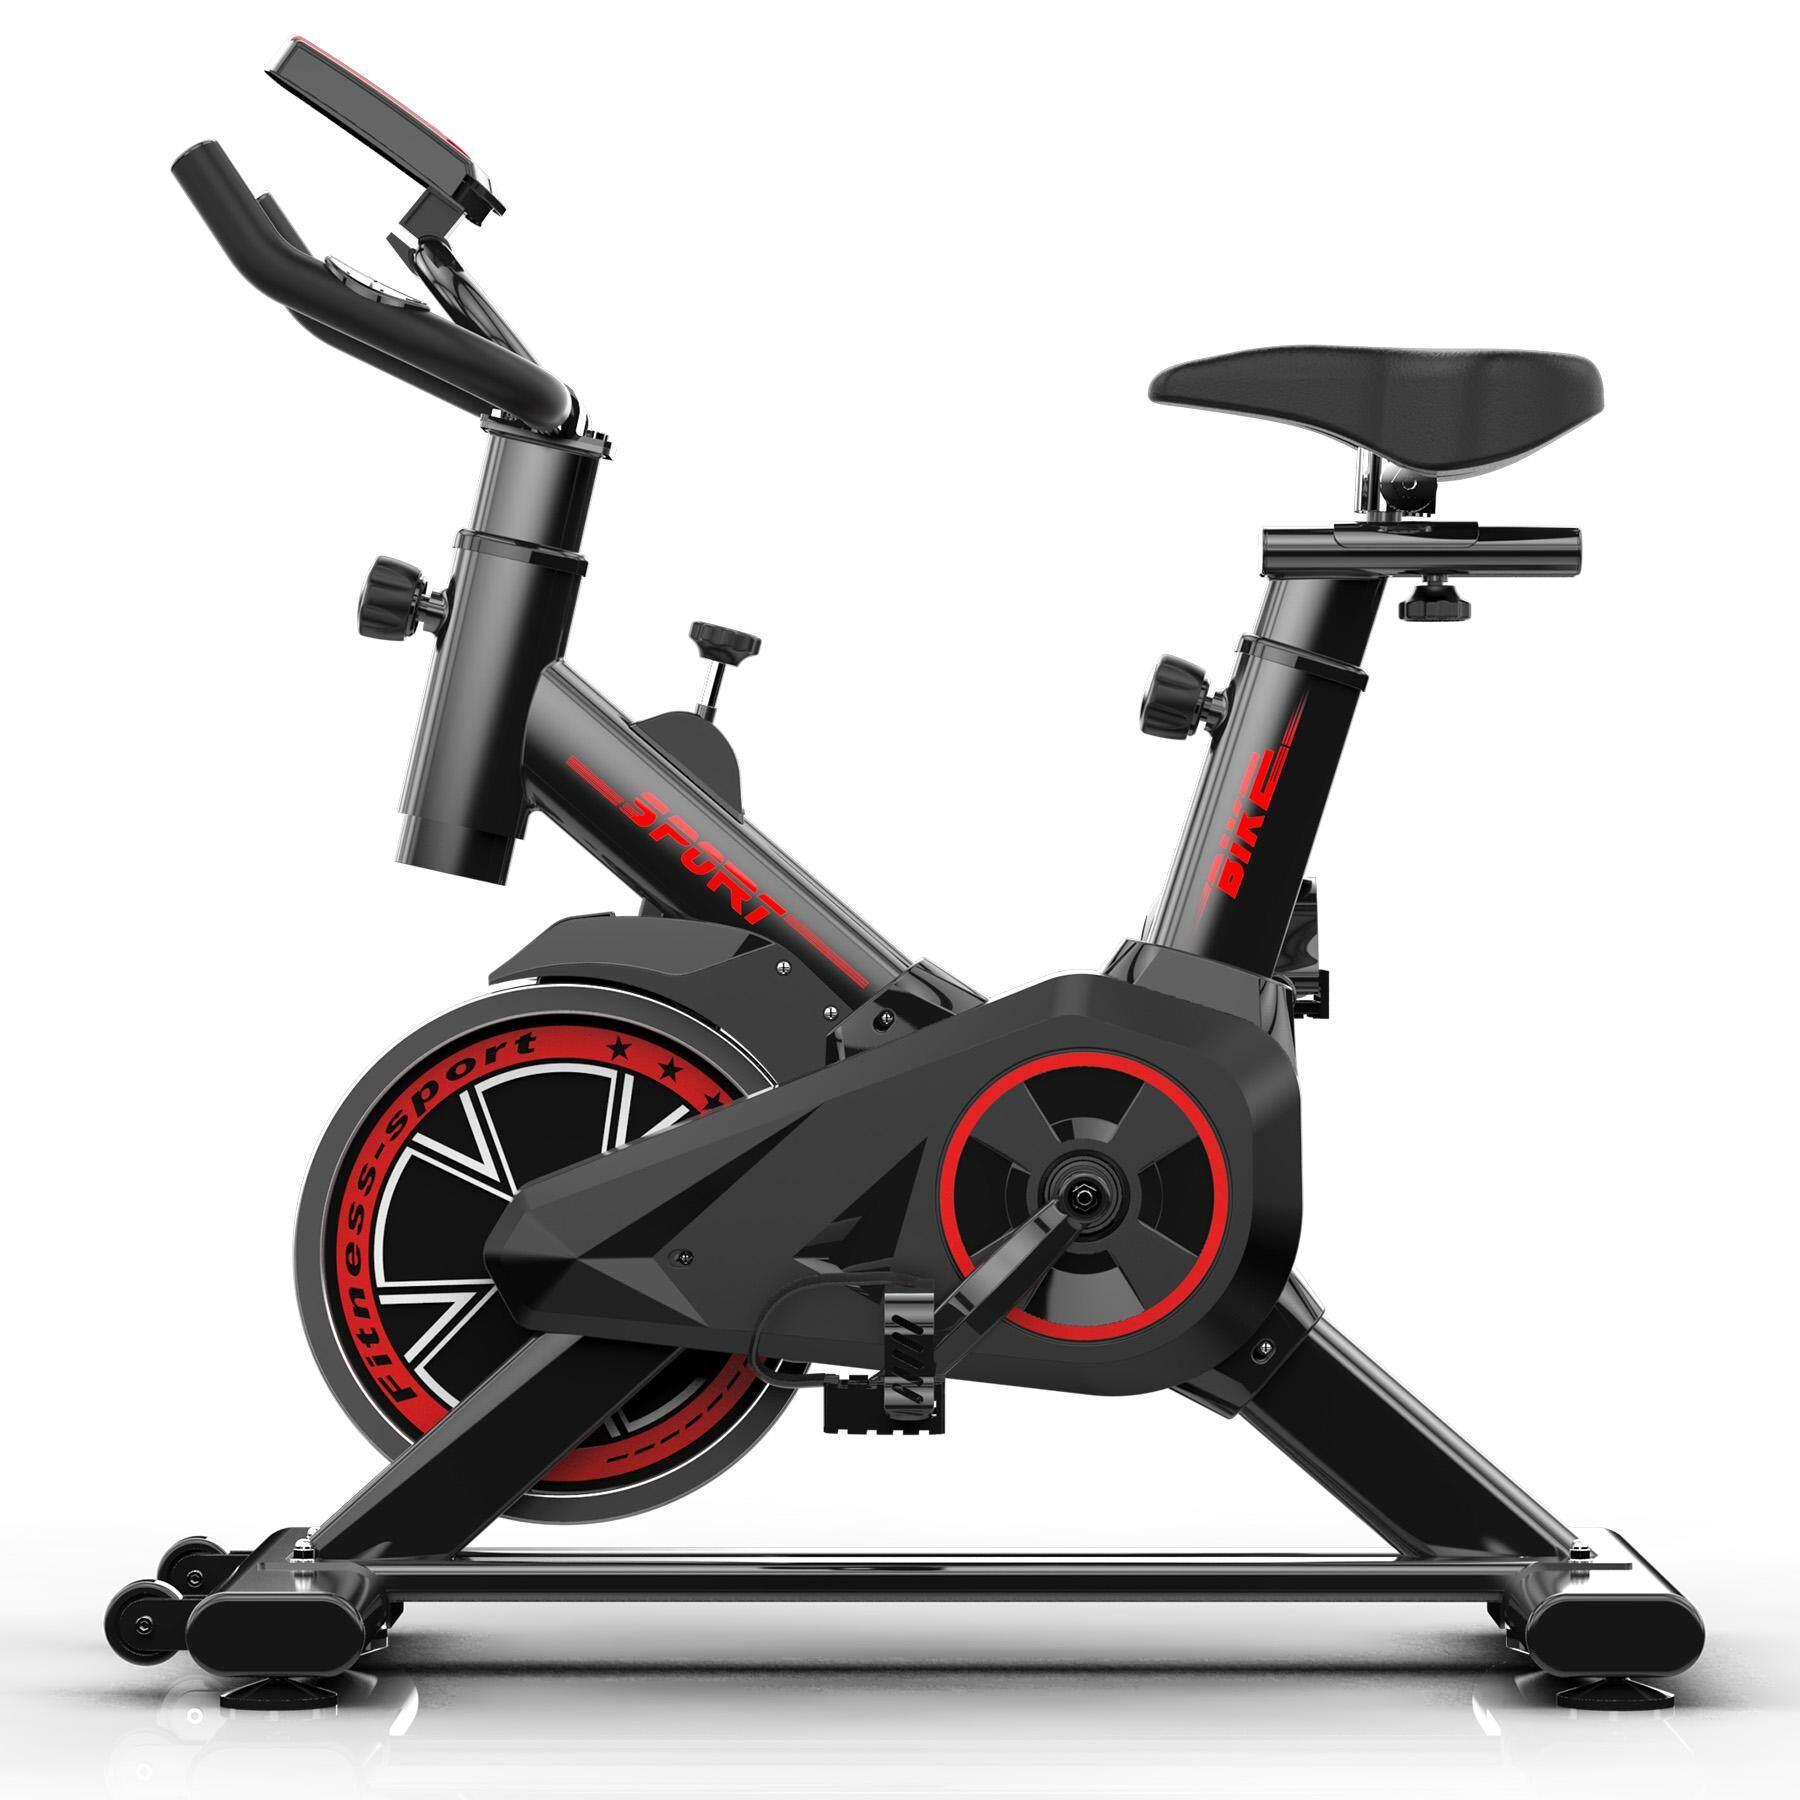 จักรยานออกกำลังกาย Exercise Spin Bike จักรยานฟิตเนส Spinning Bike Spinbike เครื่องปั่นจักรยาน S2019d By Pro_kitchen.